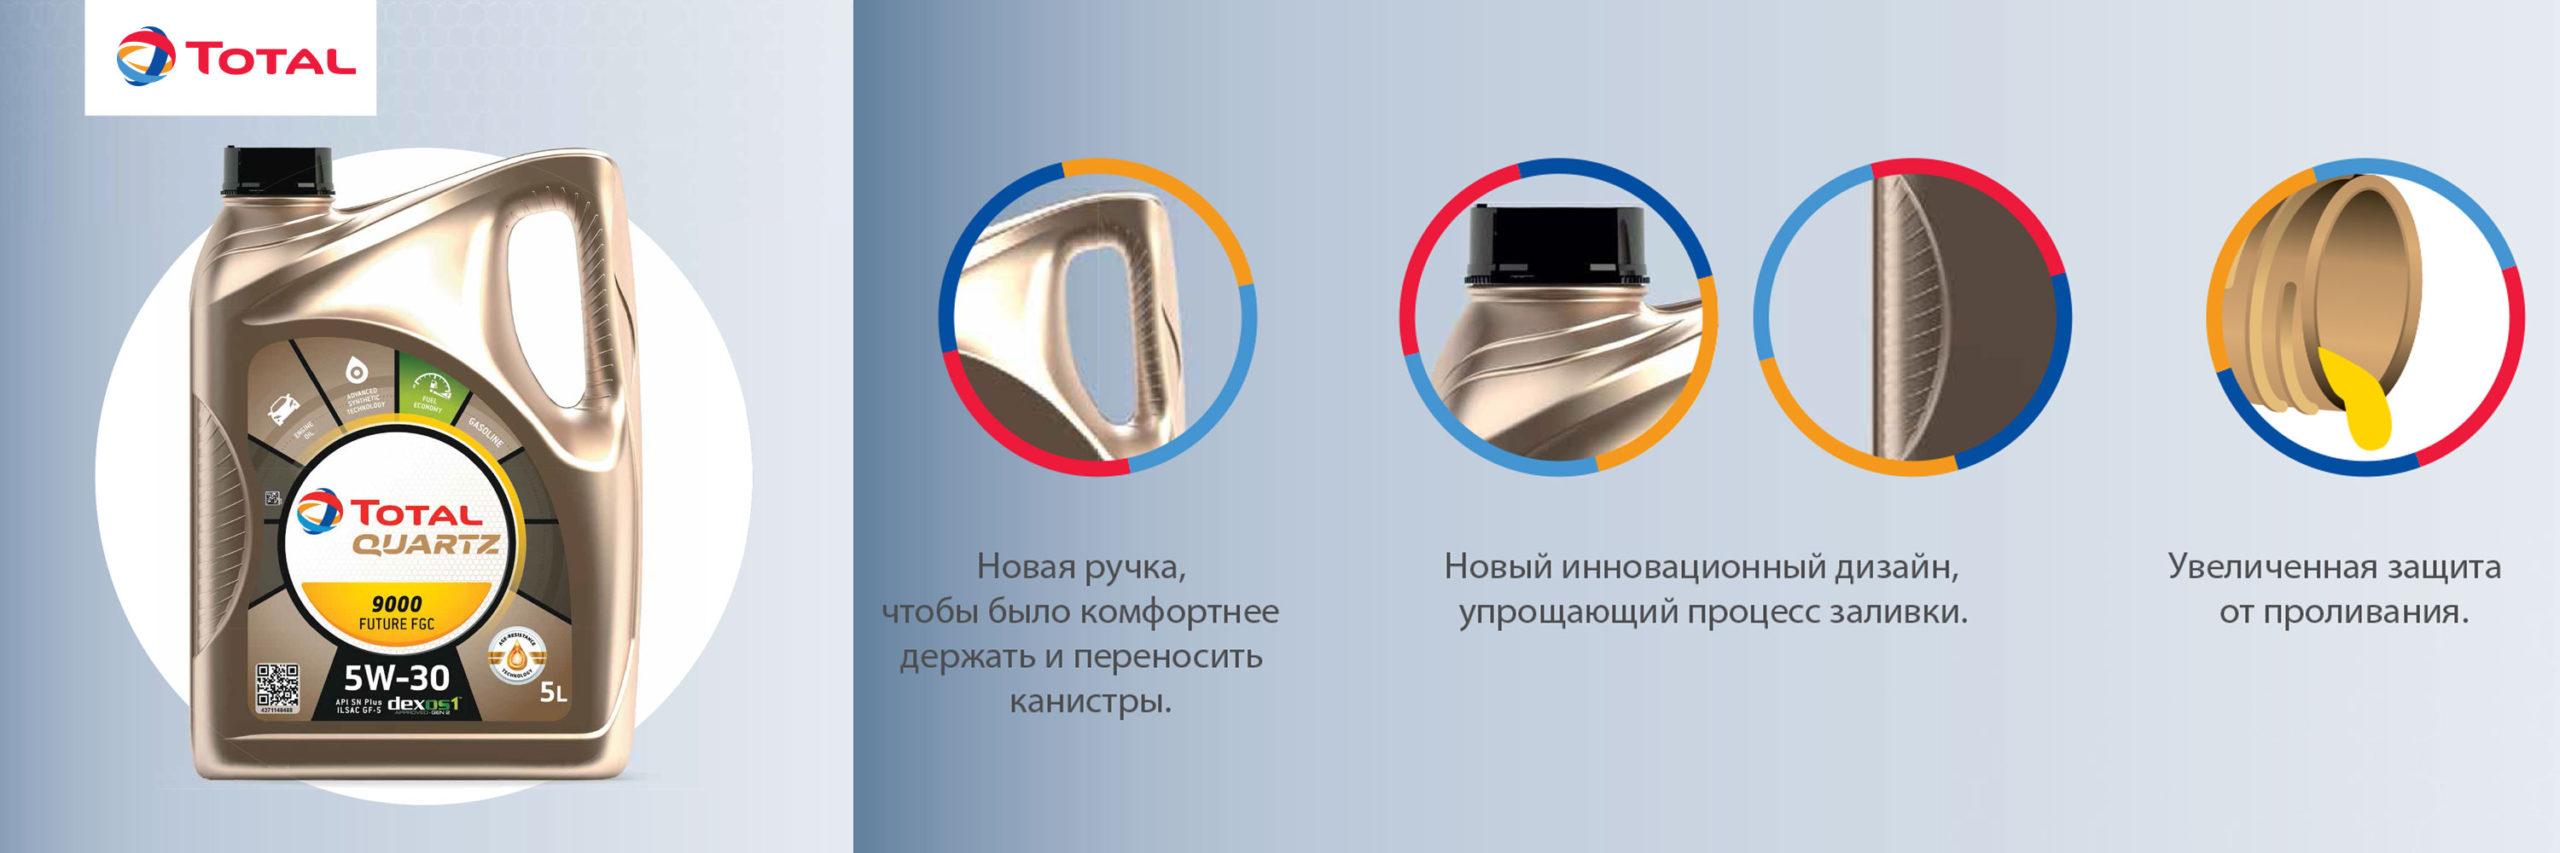 TOTAL обновил дизайн канистр для моторных масел